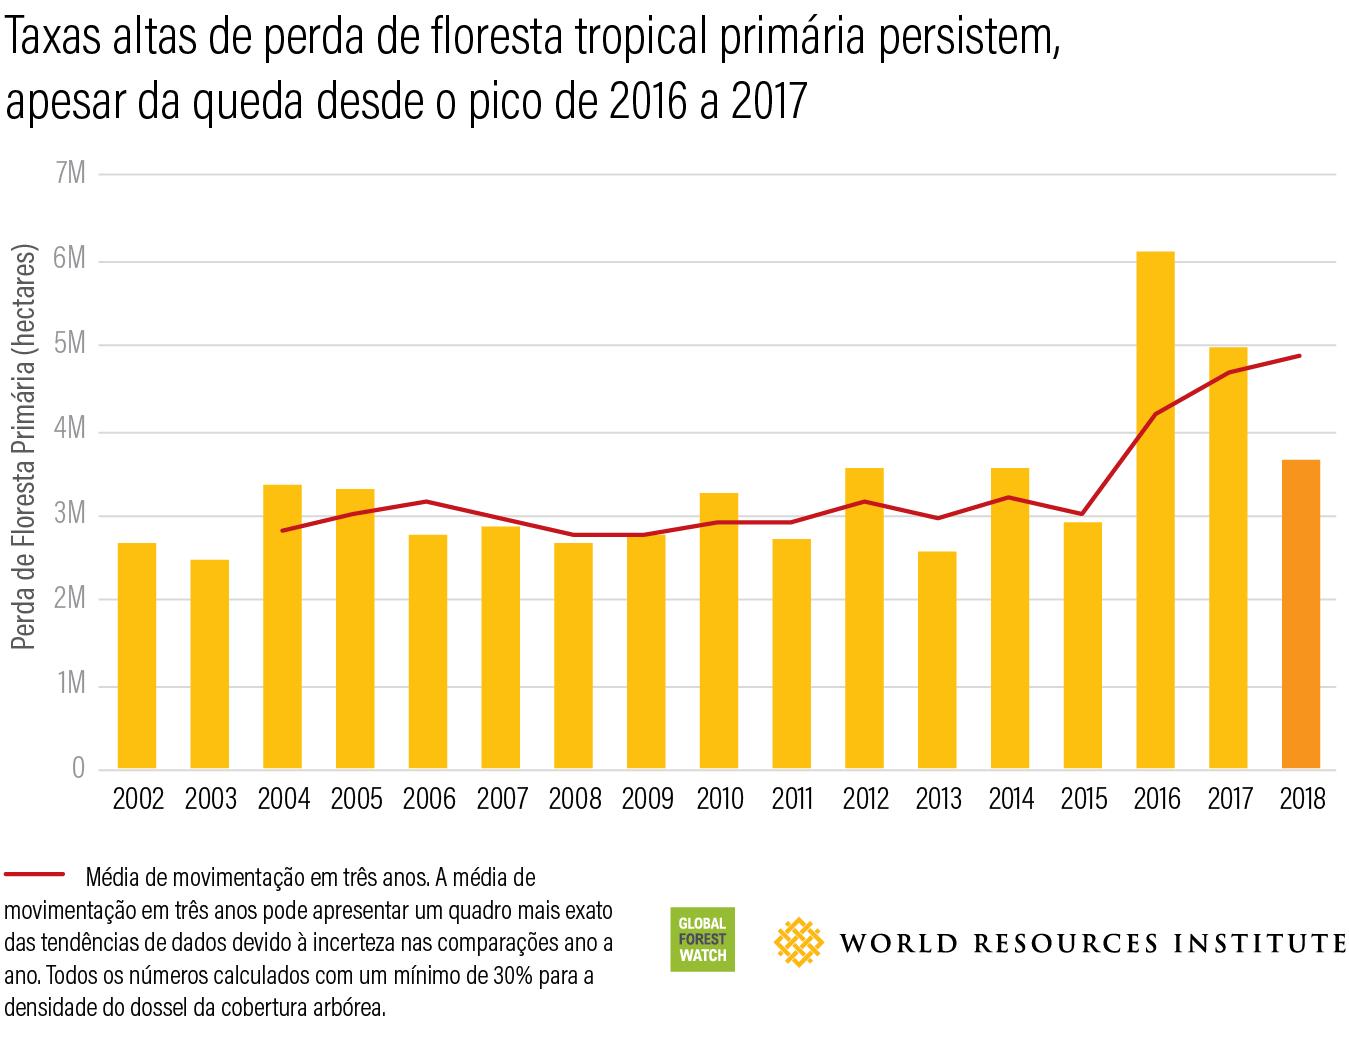 Taxas altas de perda de floresta tropical primaria persistem apesar da queda desde o pico de 2017 a 2017